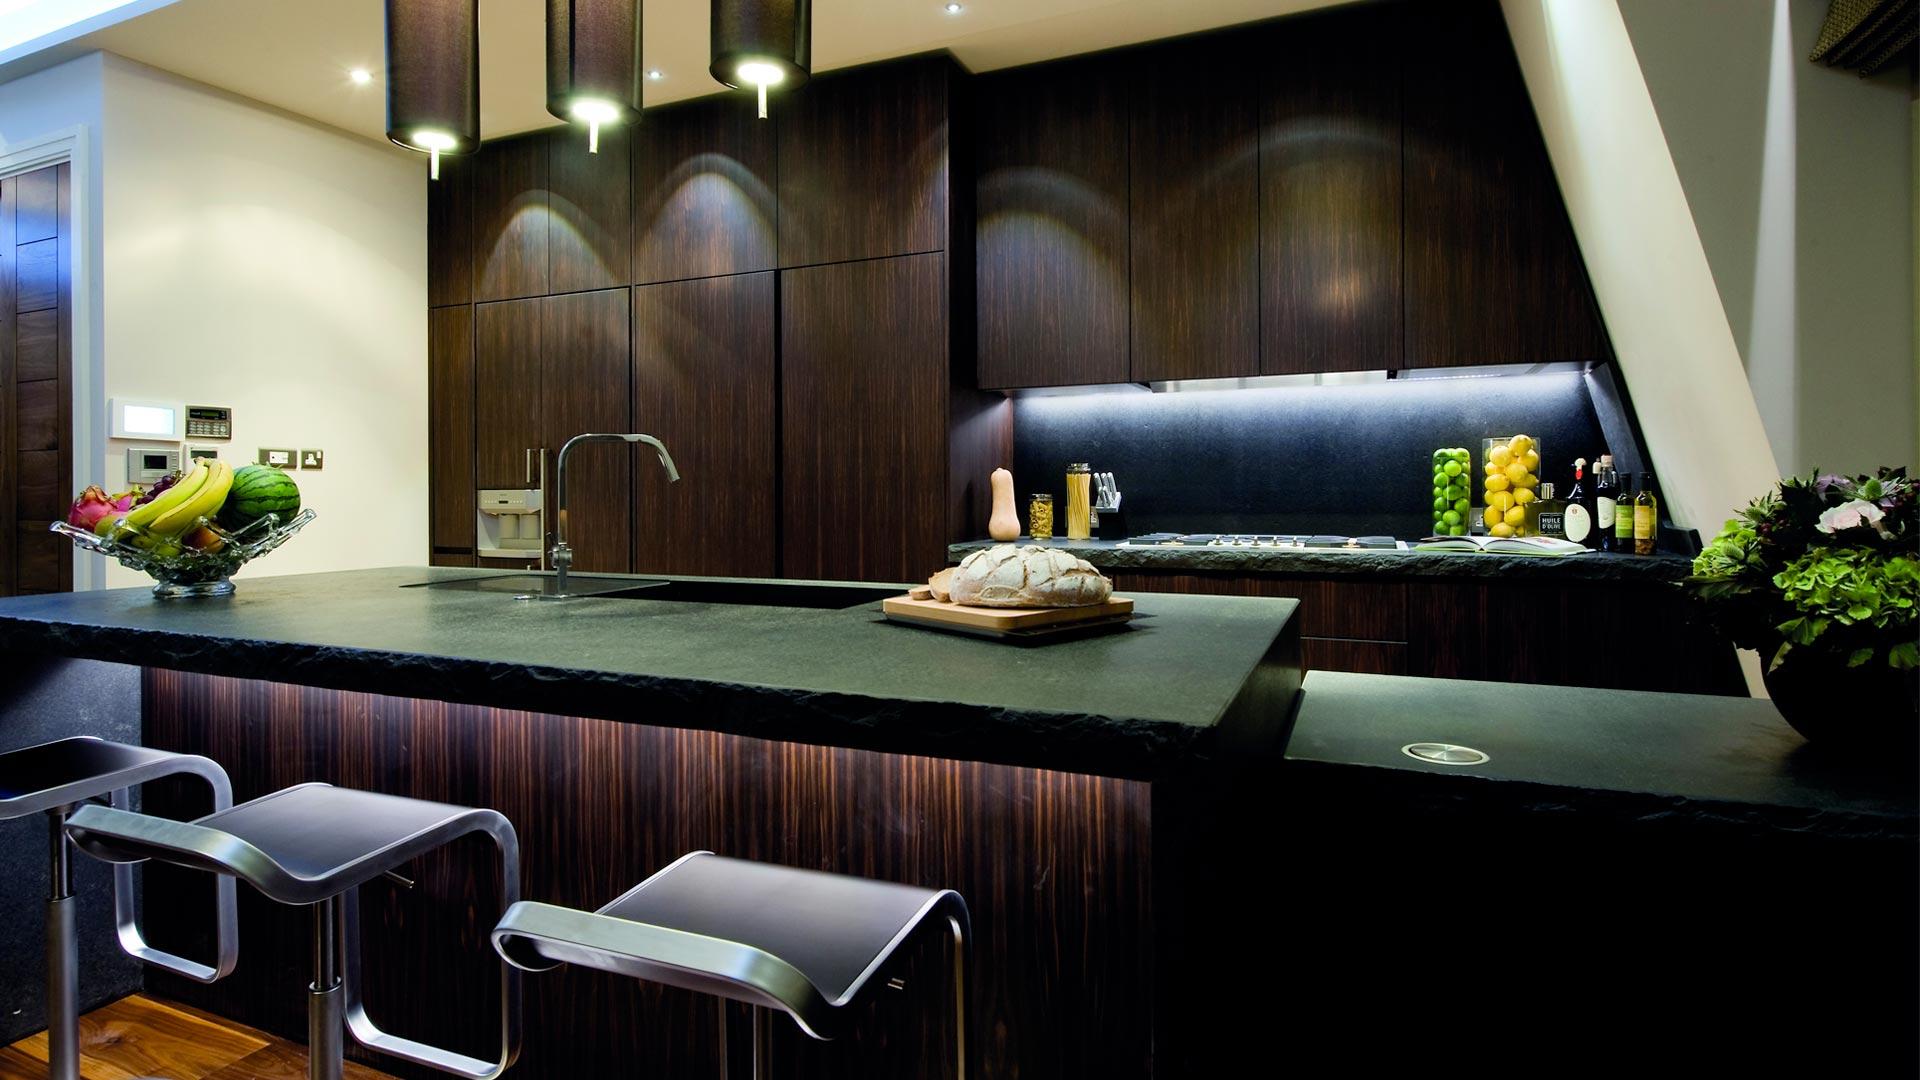 Cucina su misura in ebano e piani di lavoro in pietra di cardoso - Cucina su misura milano ...